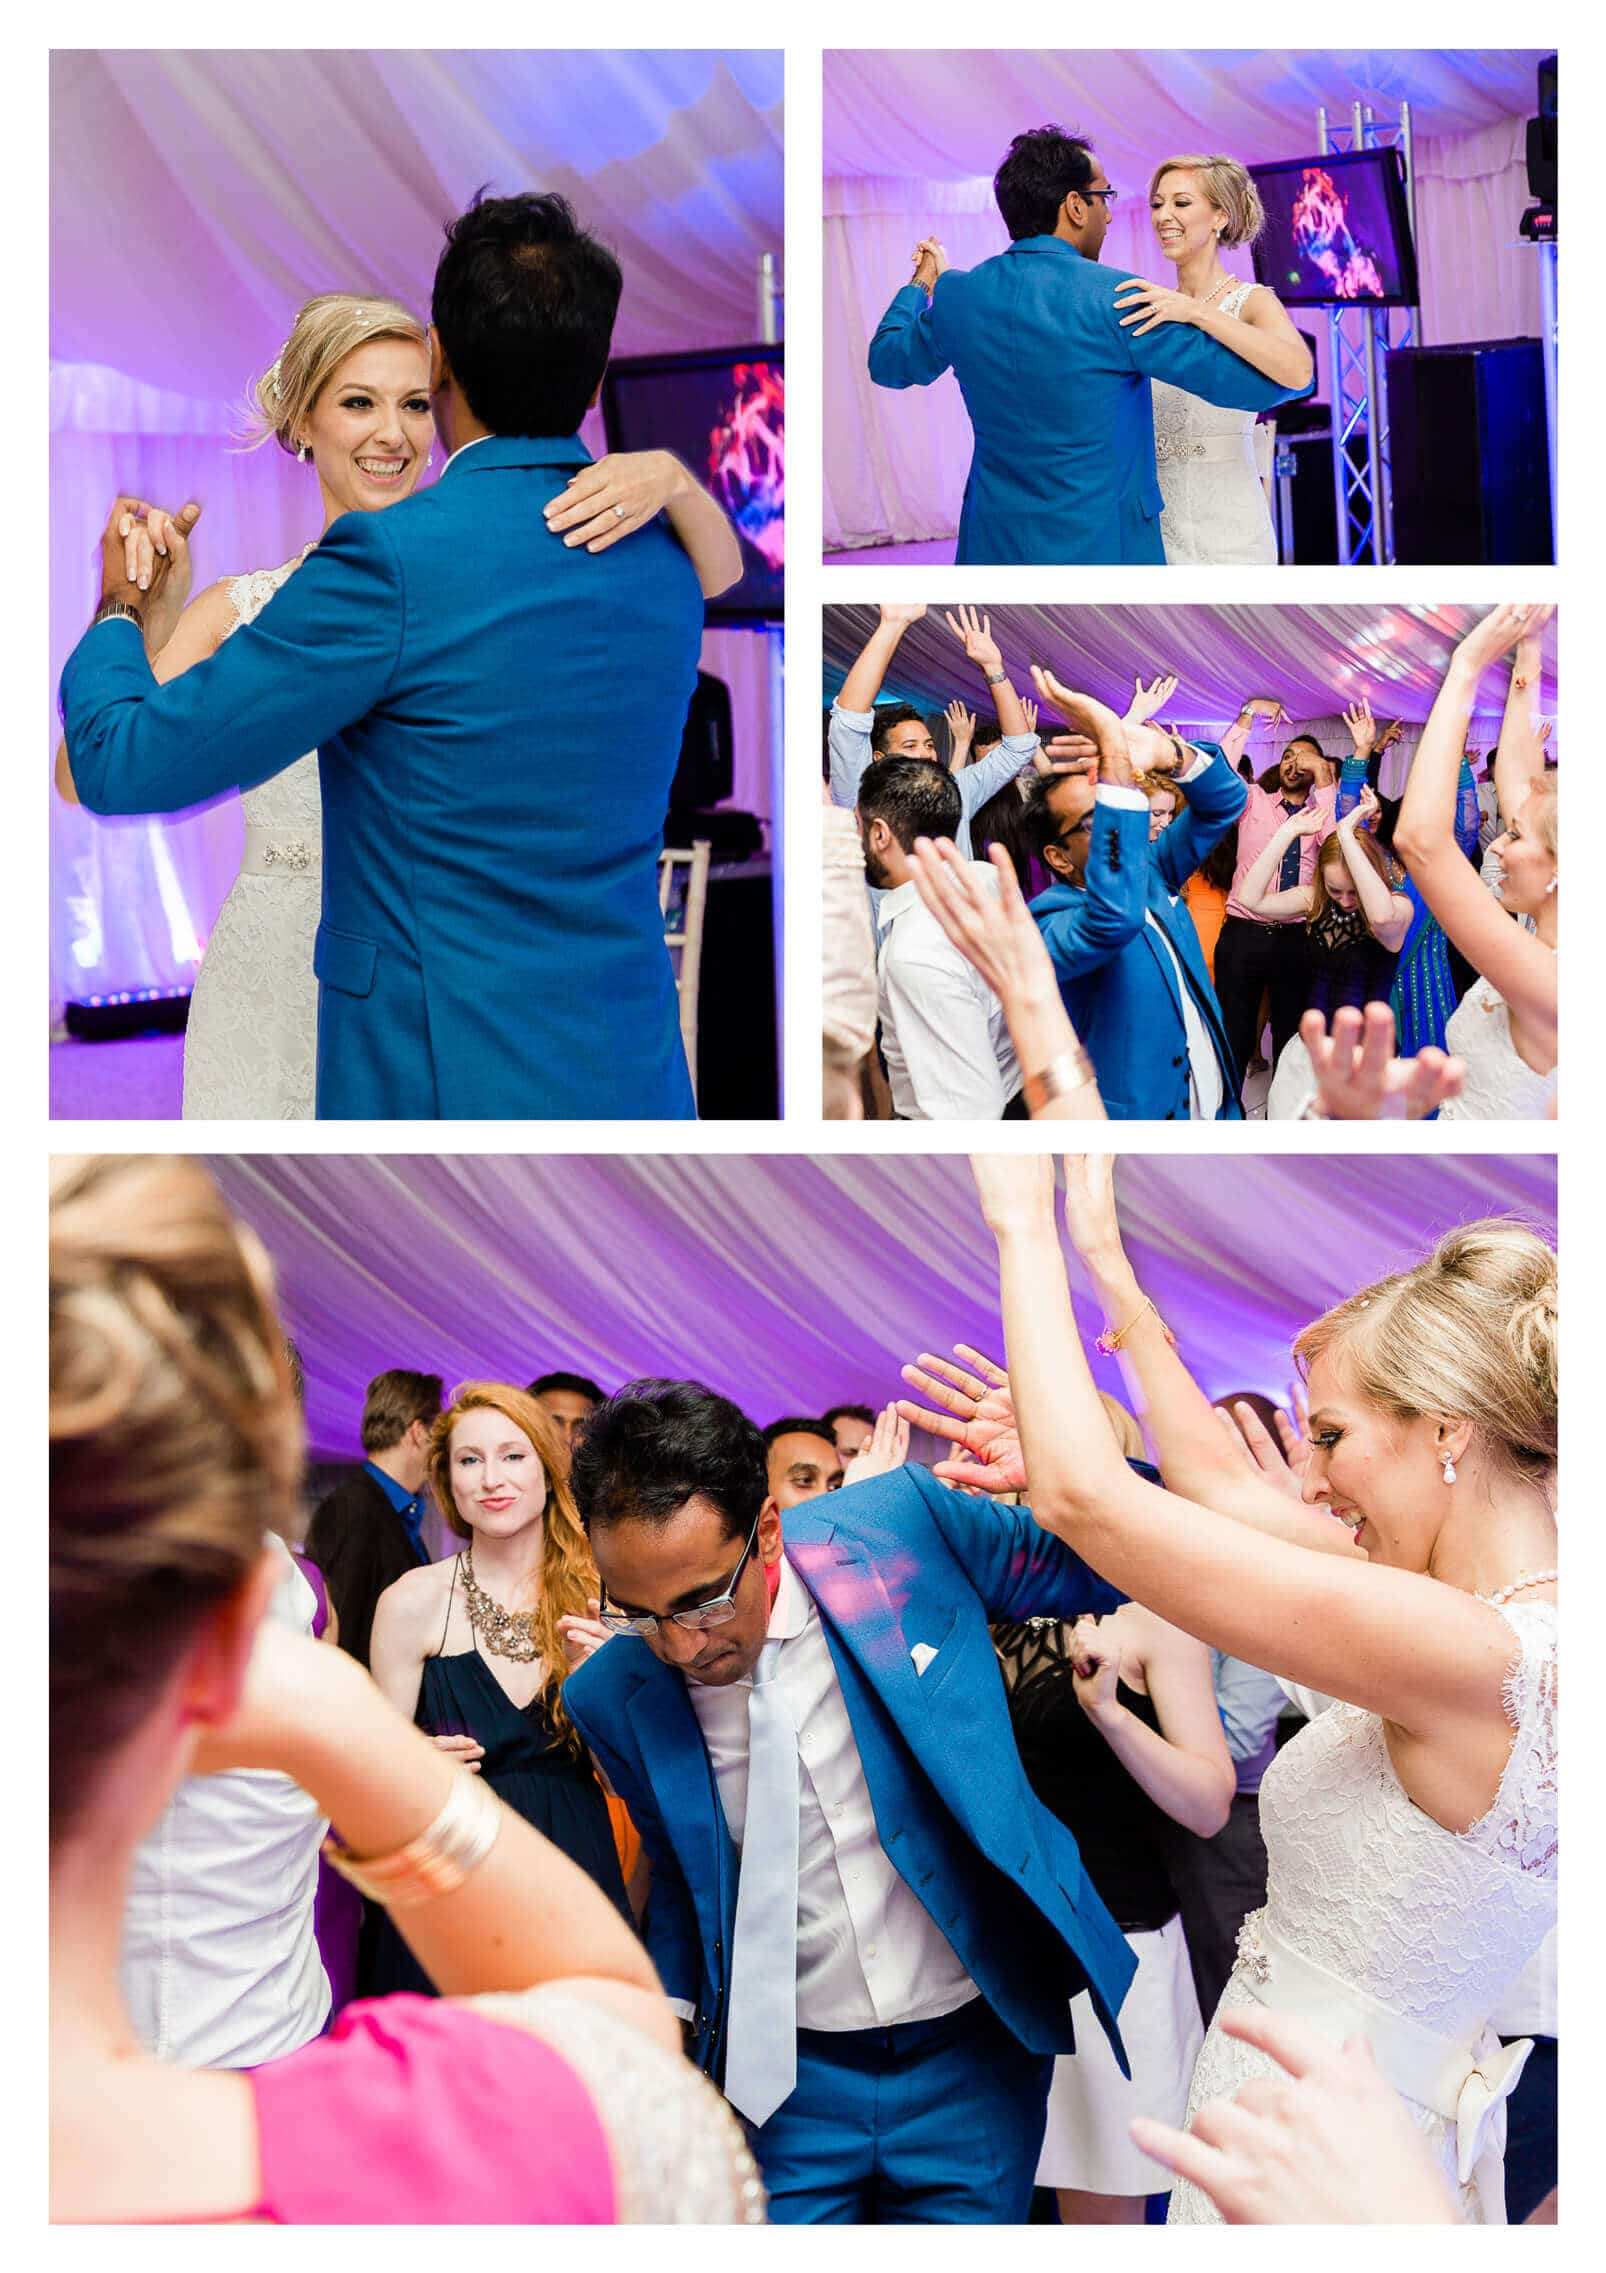 Baddow Park wedding breakfast marquee dance lighting | Essex photographer